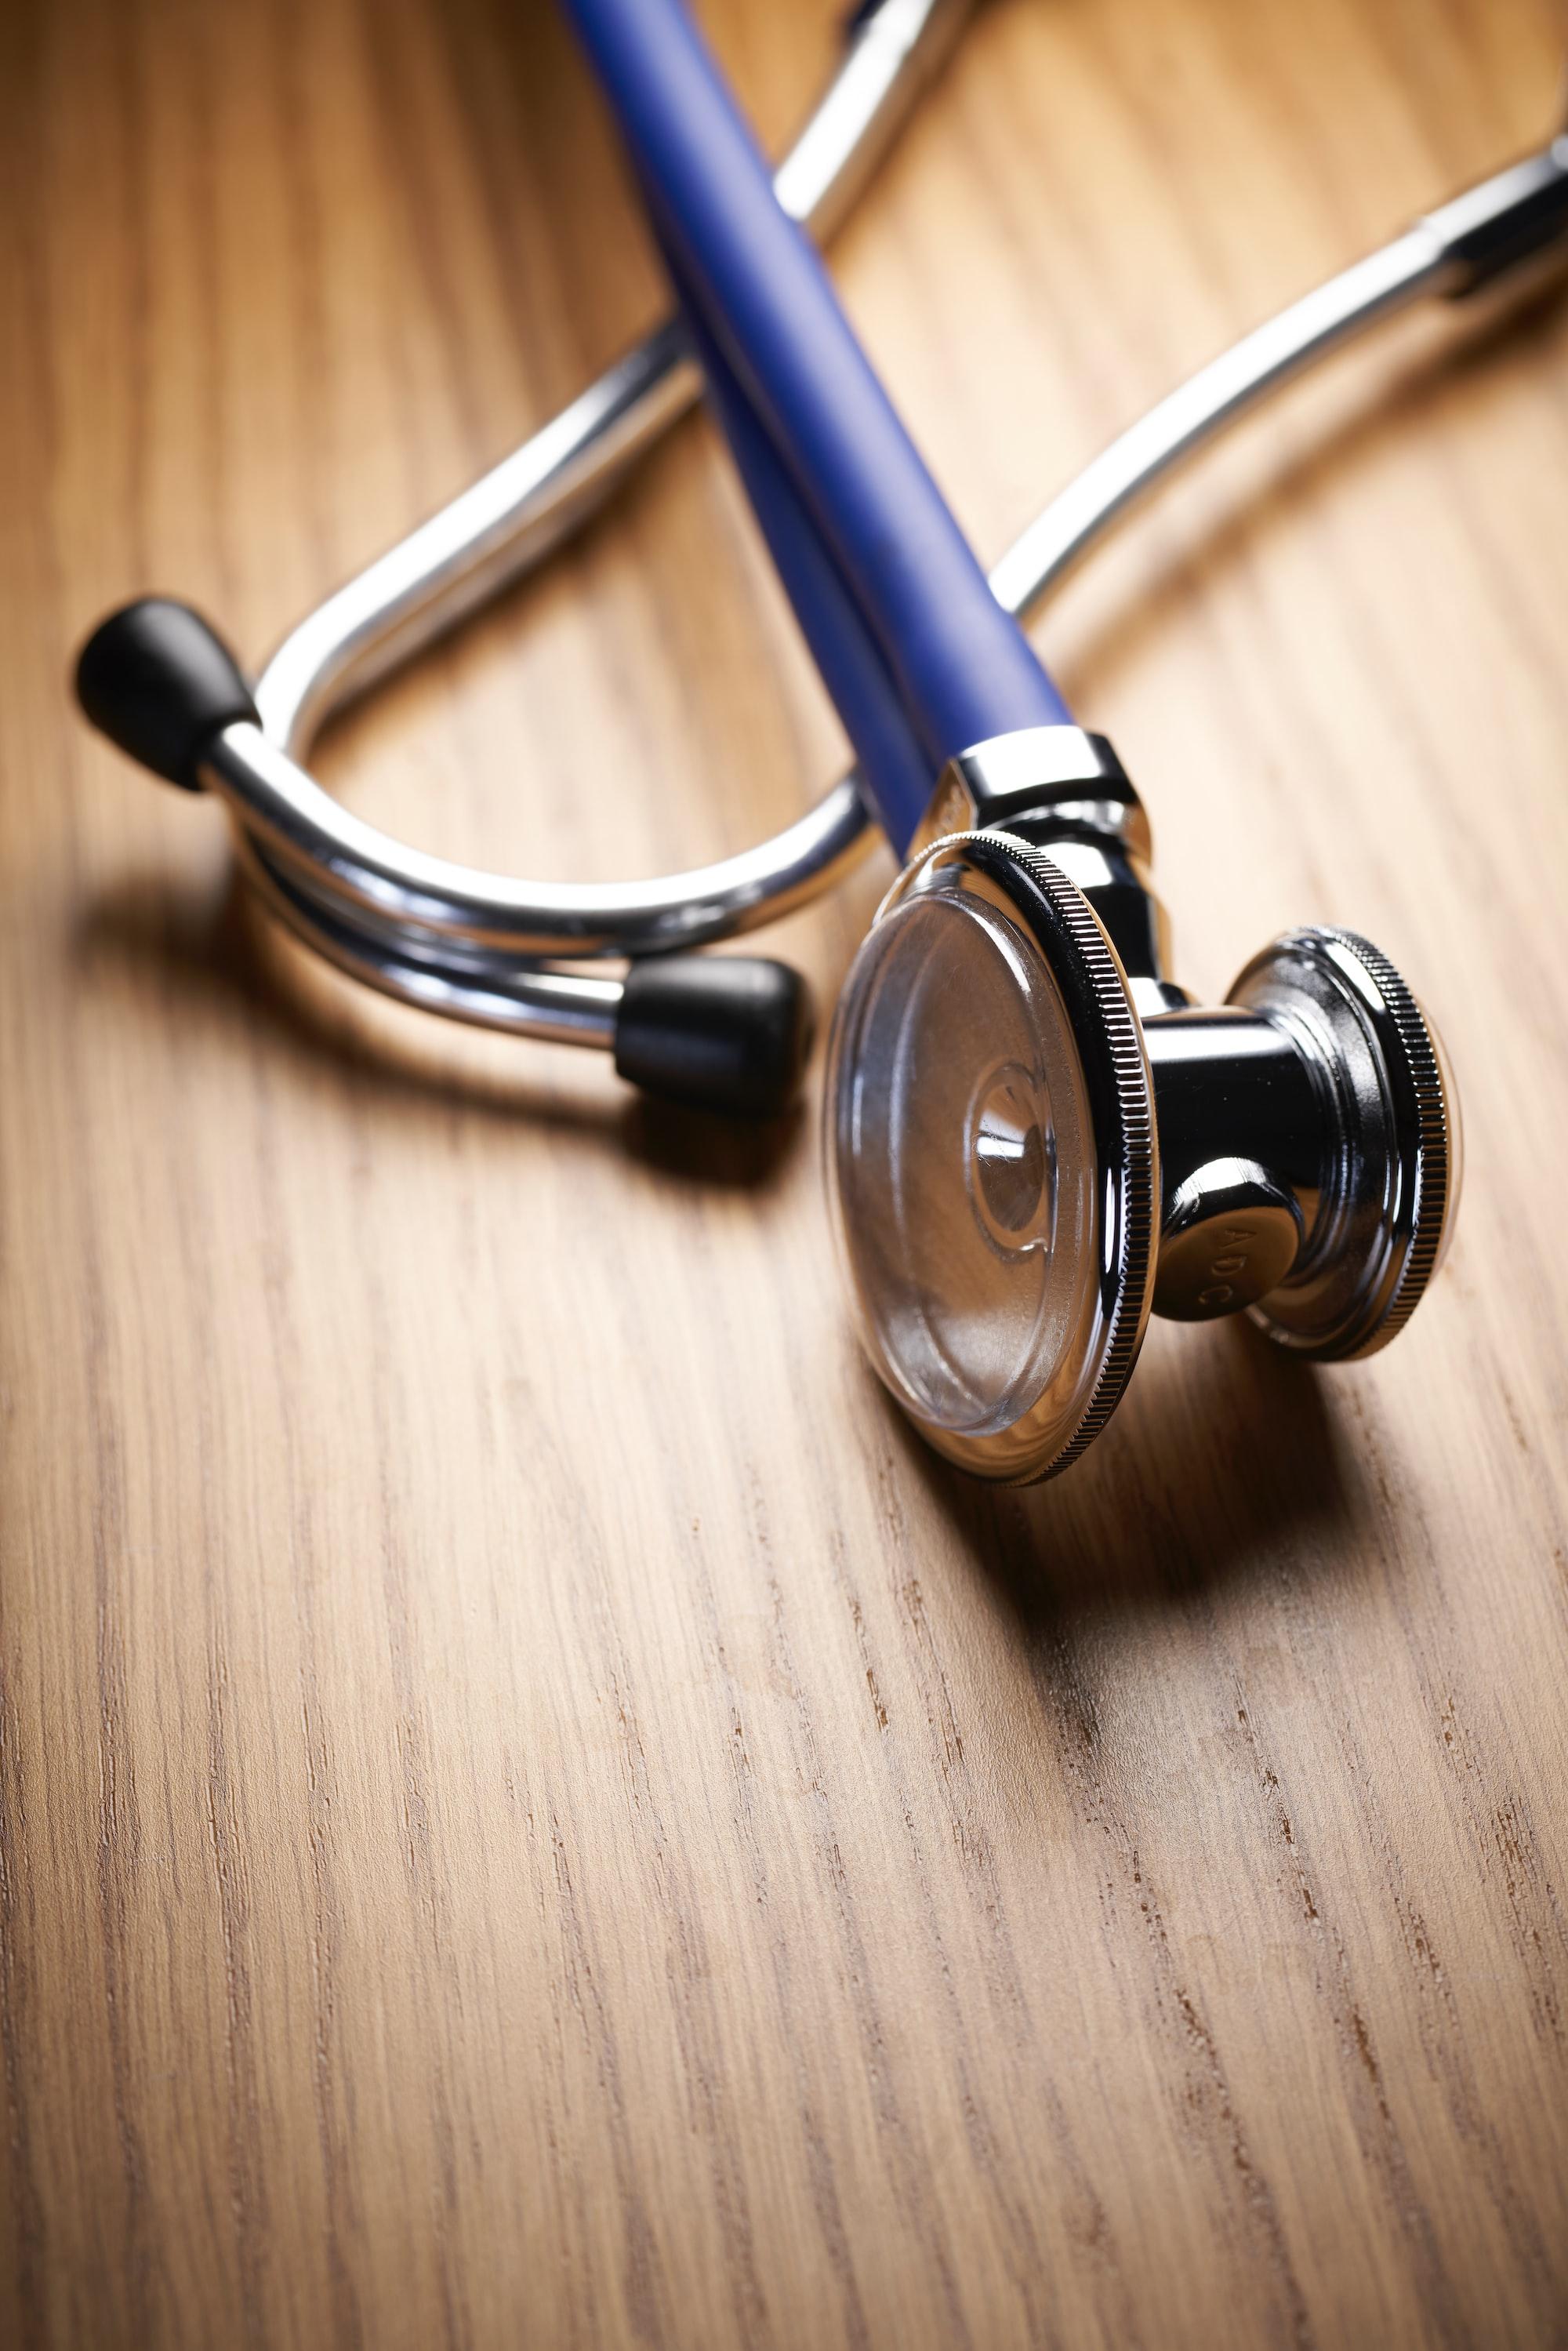 Certificados médicos durante la cuarentena